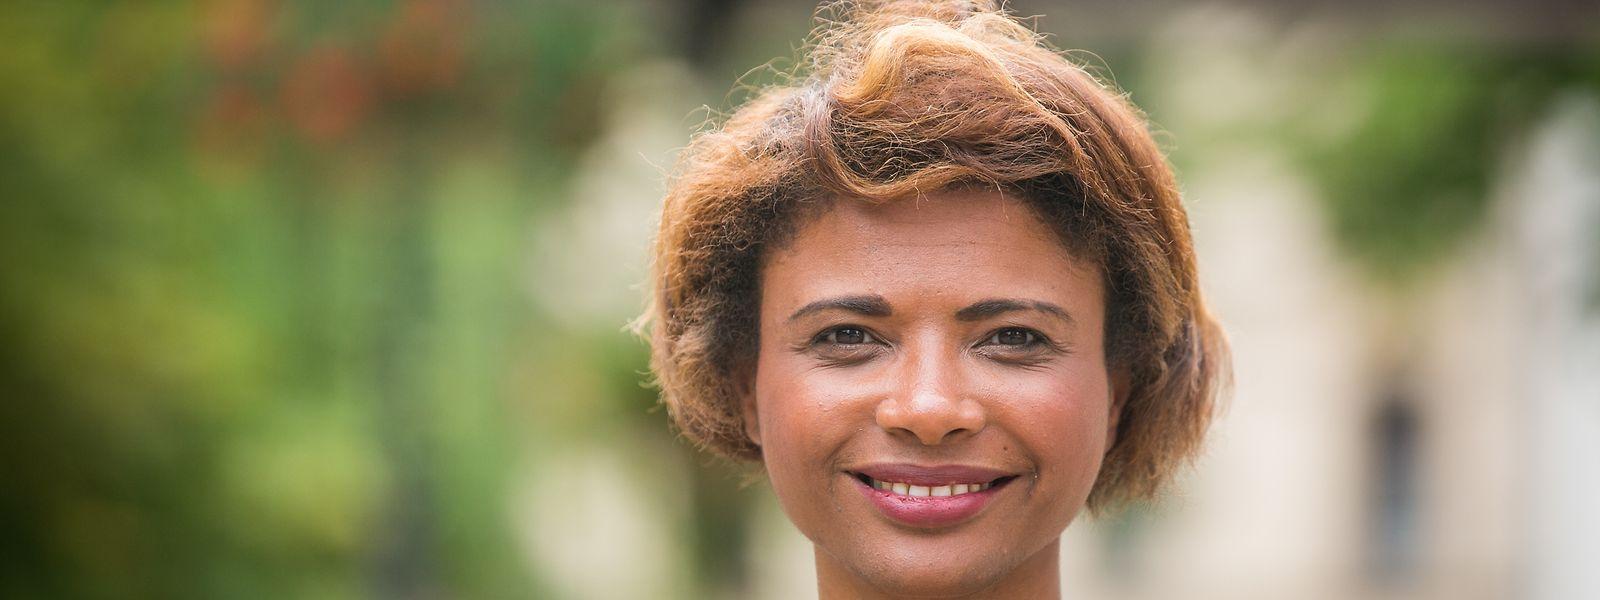 Natlis Silva tem 36 anos e é considerada a provável sucessora do burgomestre de Larochette, a localidade mais portuguesa do Luxemburgo.